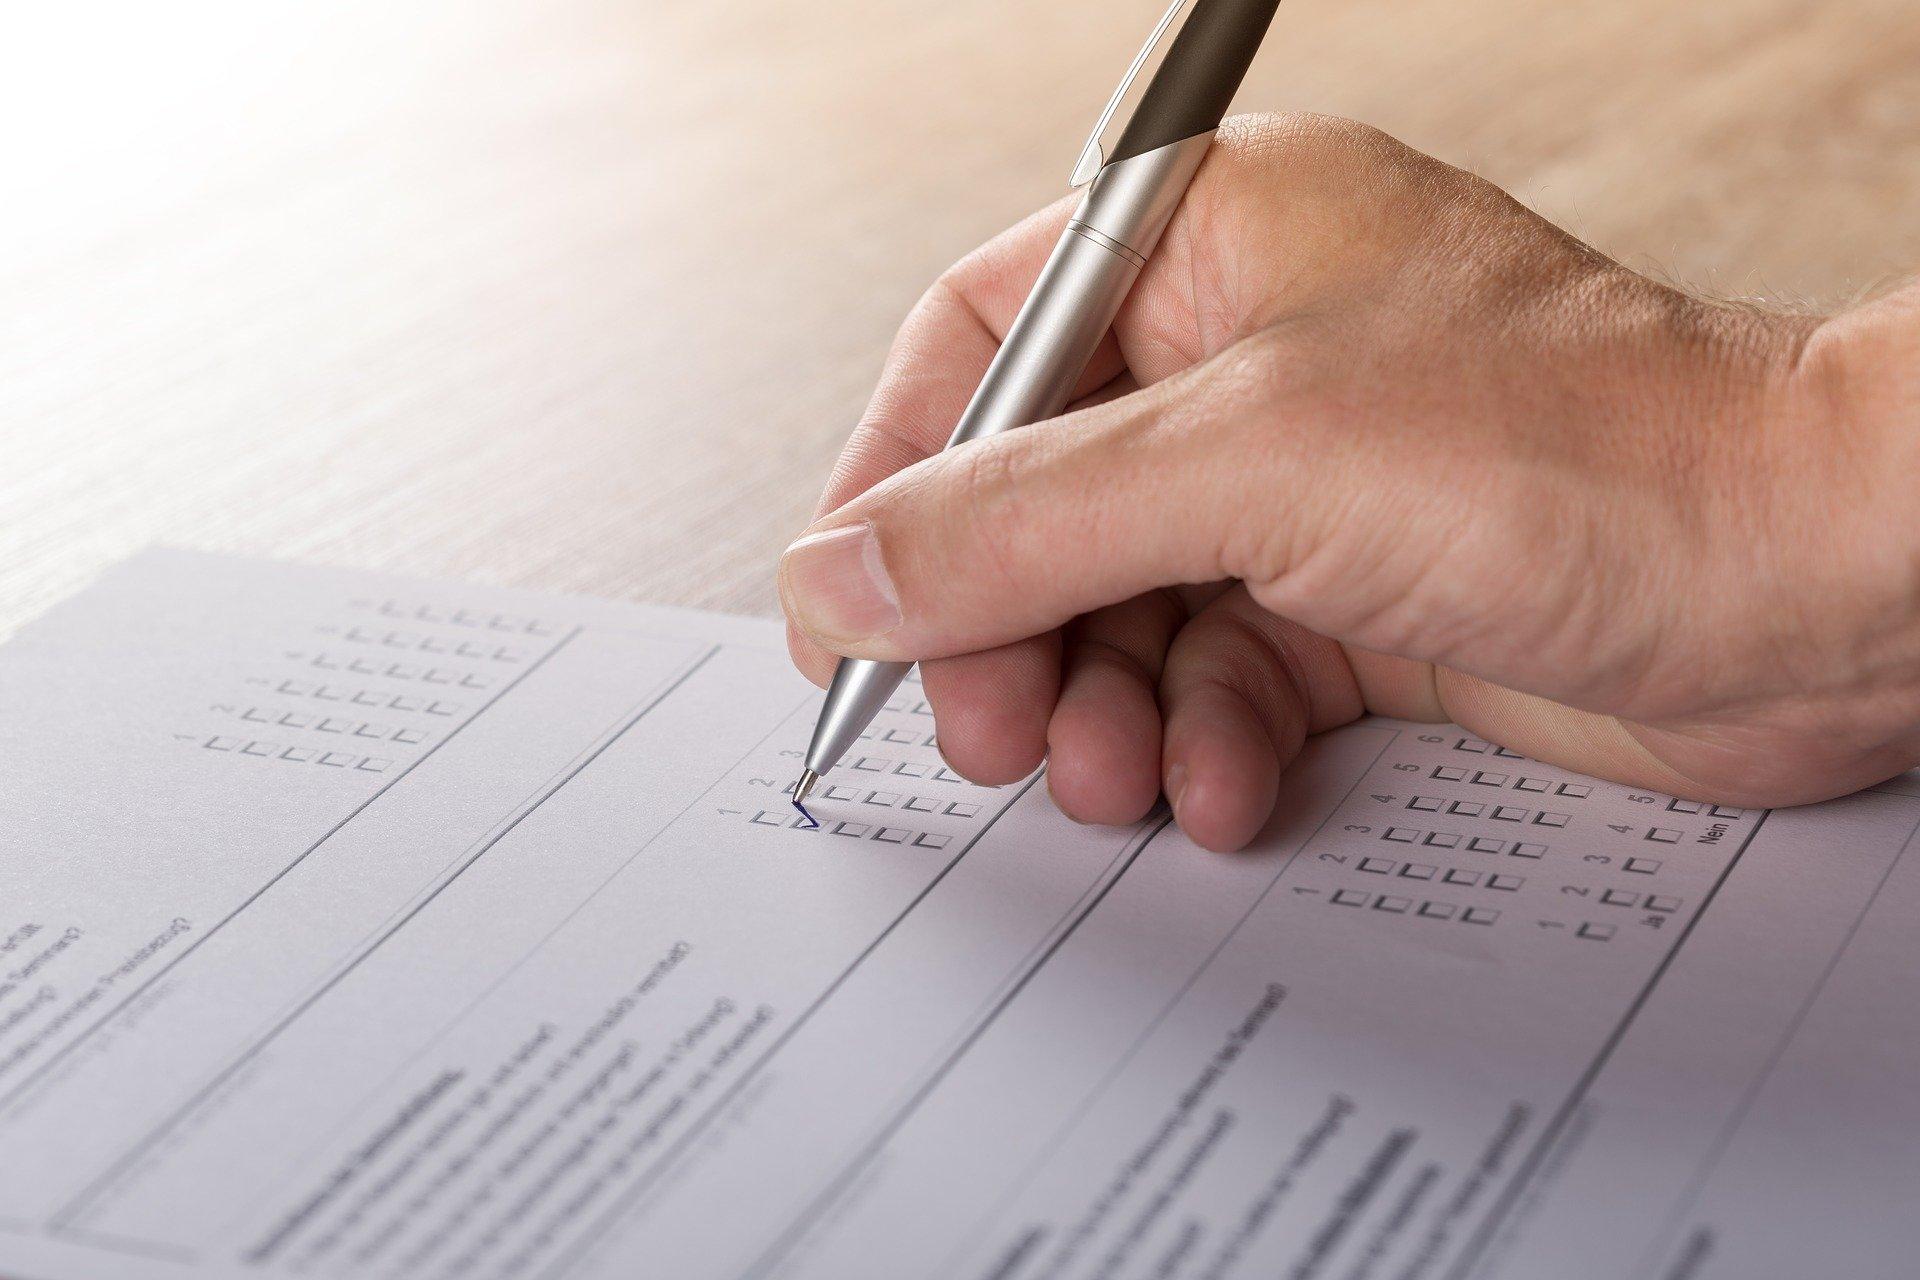 楽天モバイルの審査まとめ 落ちる原因・対処法、申込条件や審査期間を徹底解説